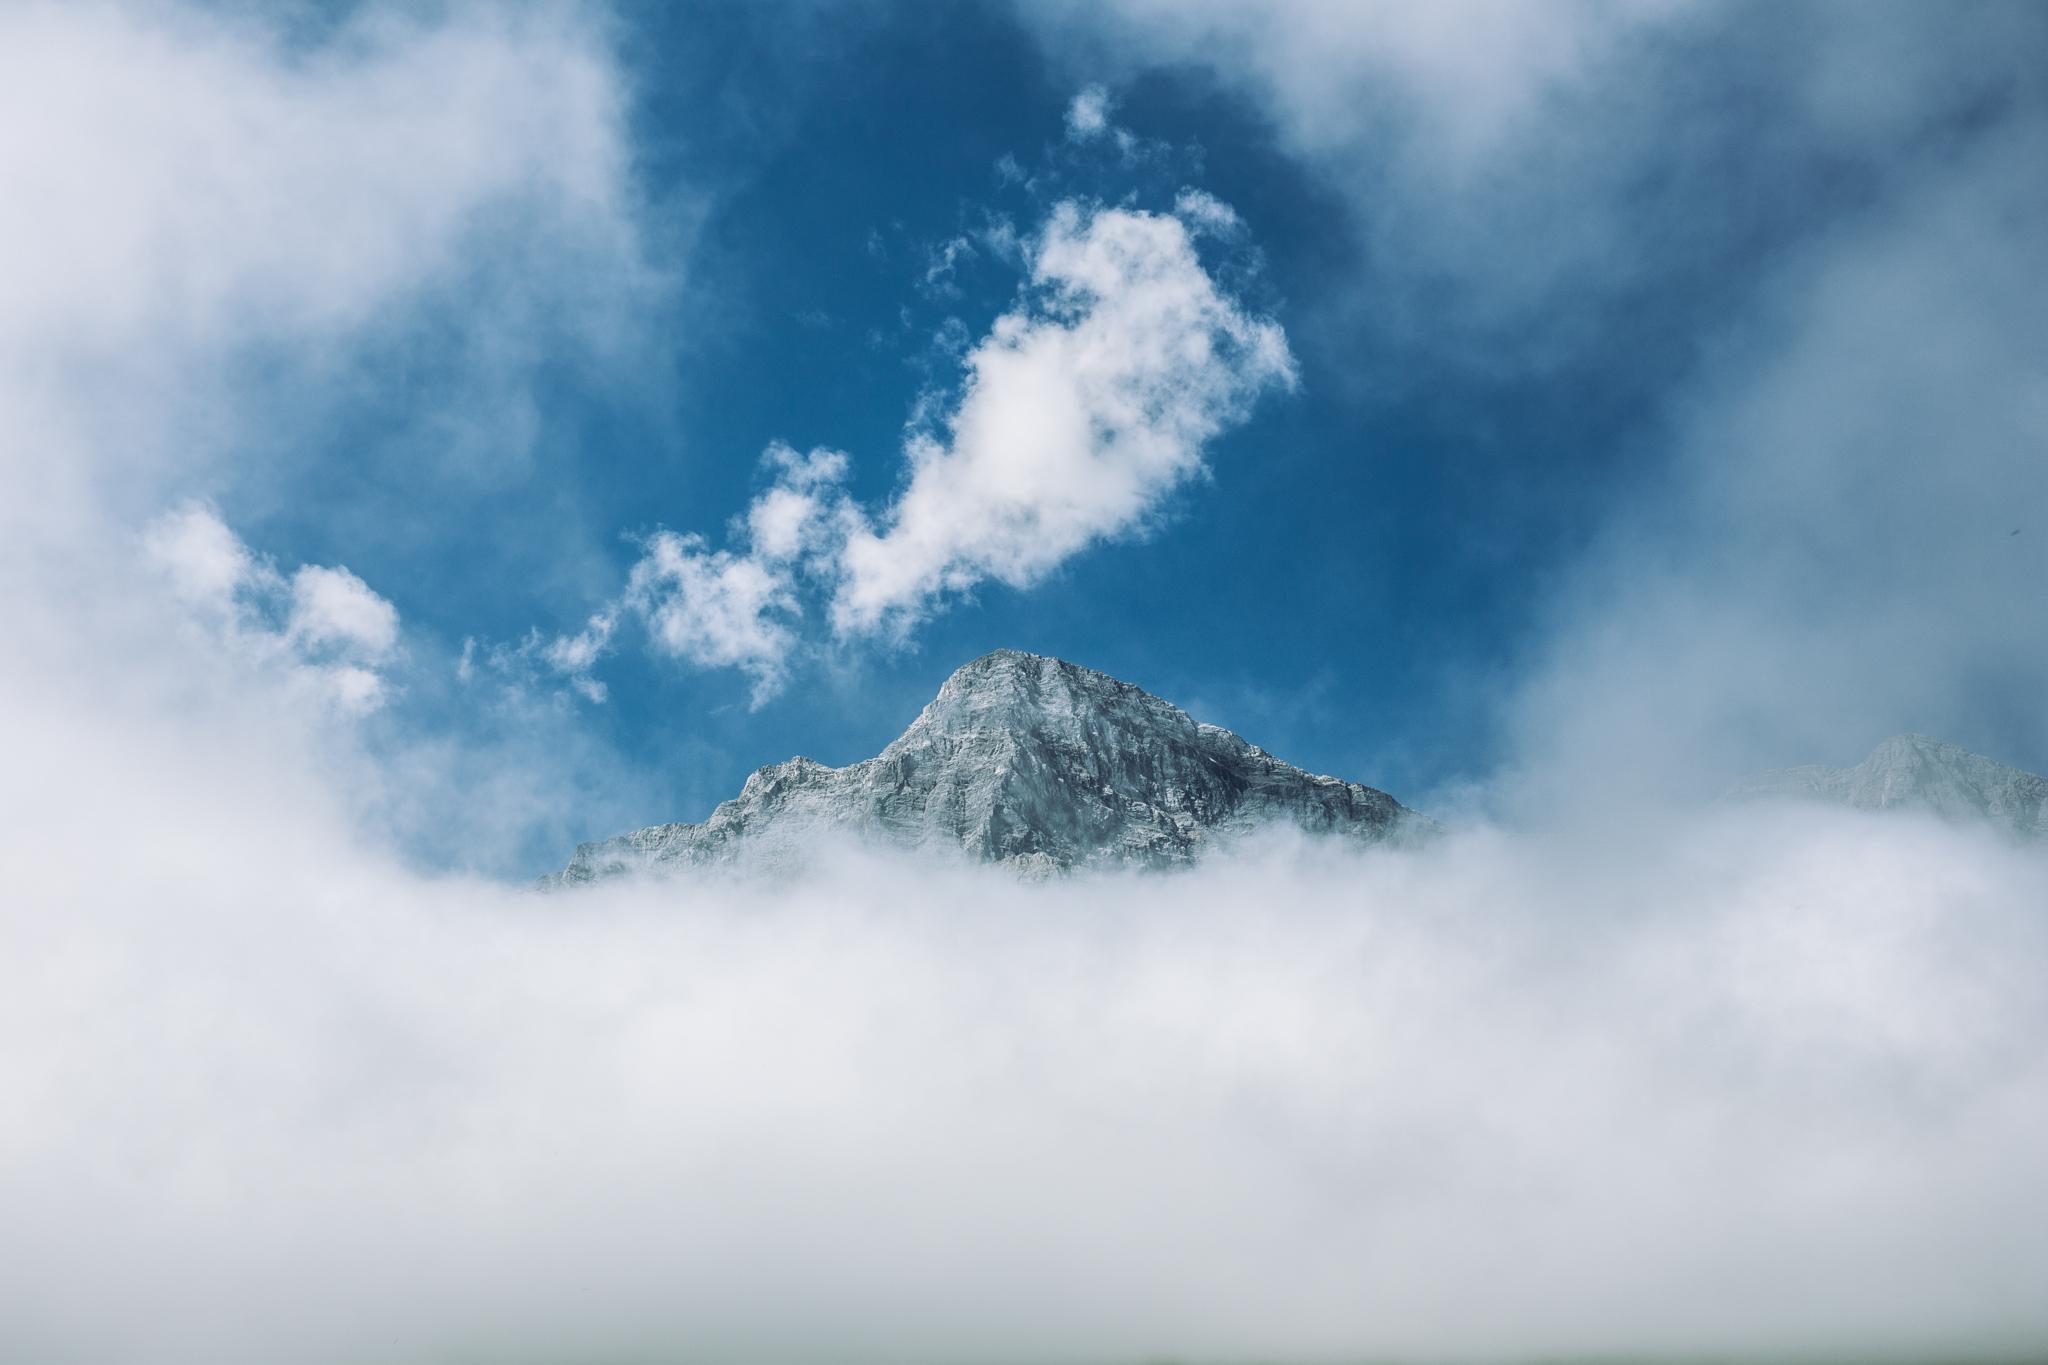 Goat Mountain peeking through the clouds.